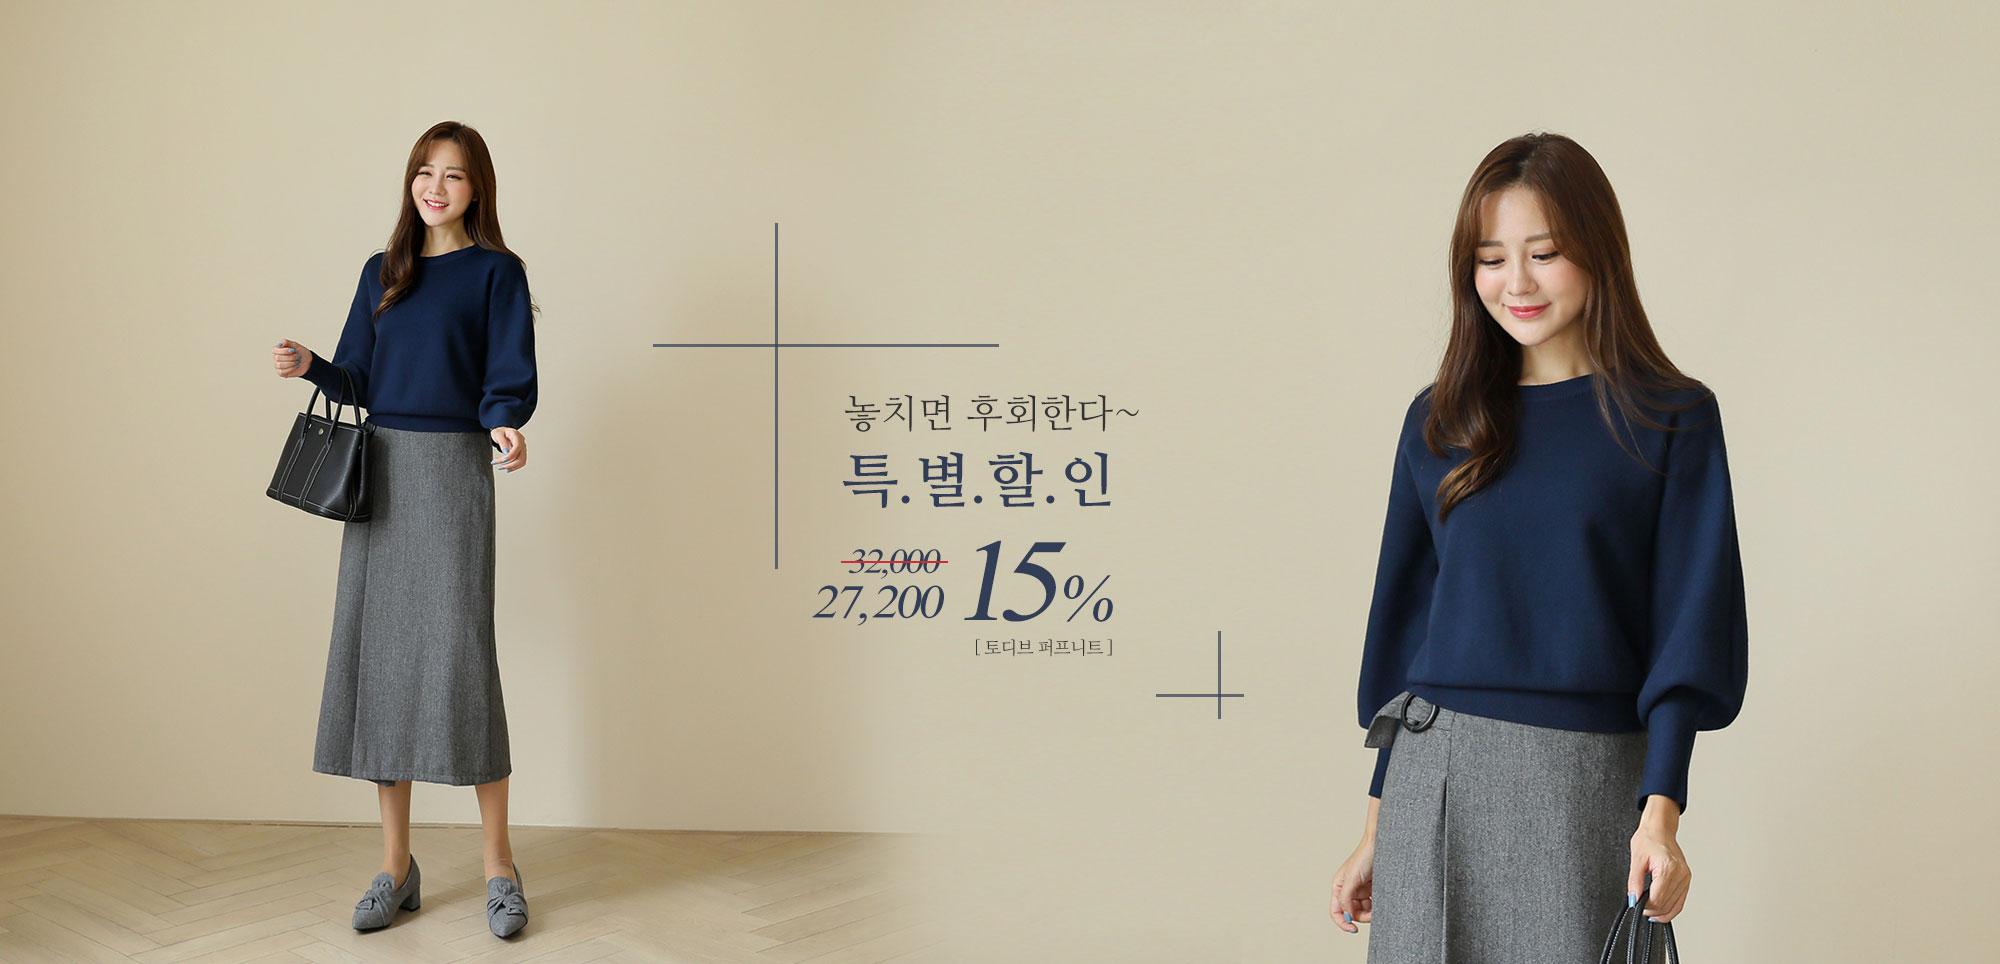 토디브 퍼프니트 15%